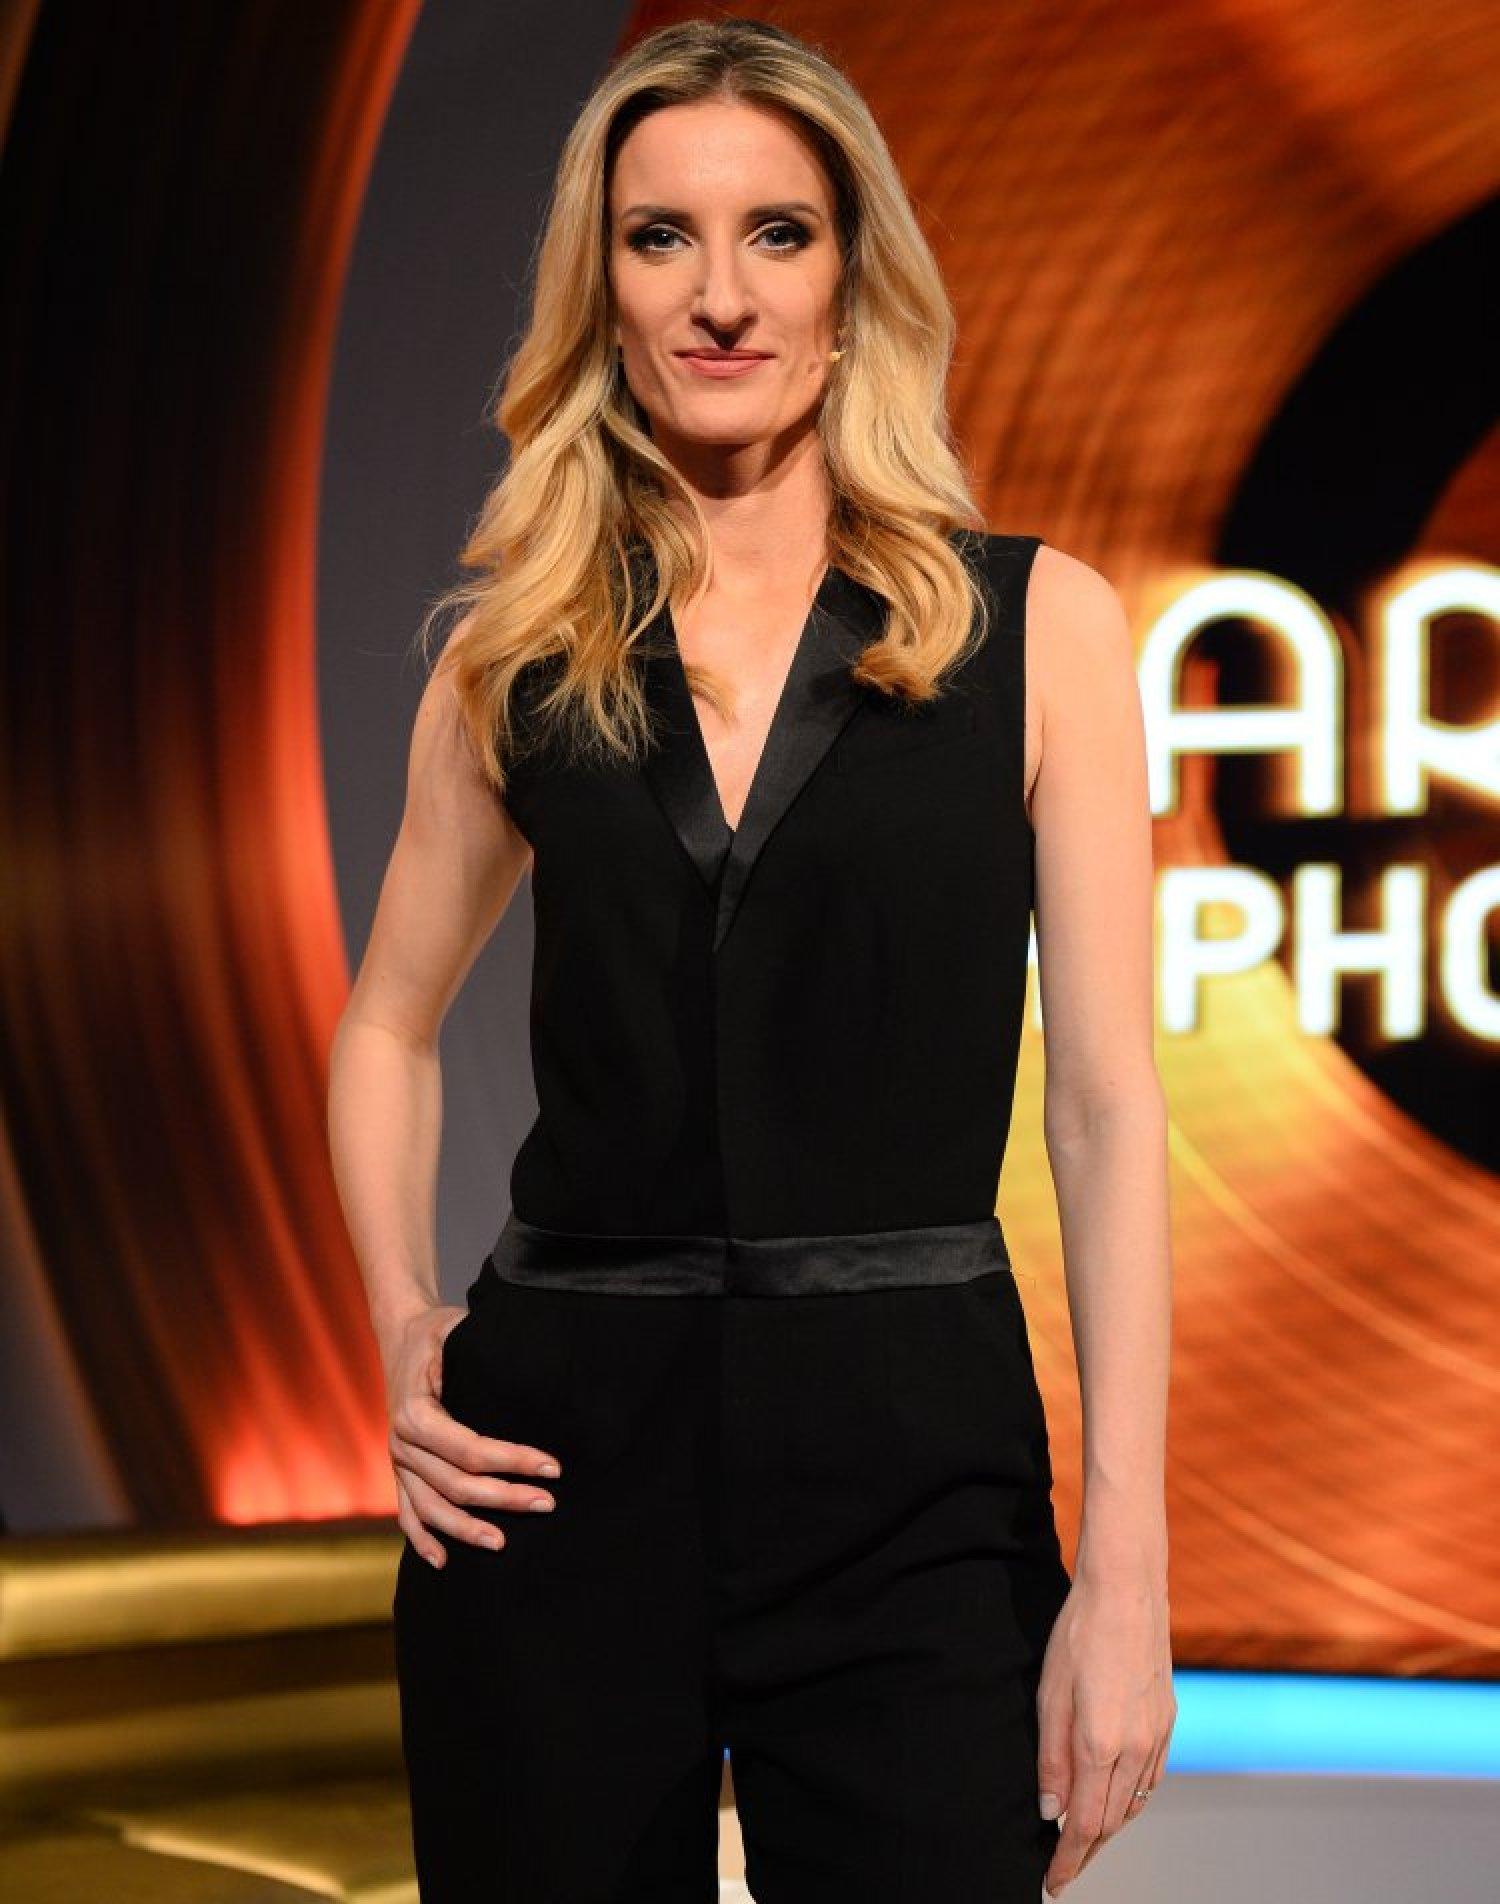 Adela Banášová pôsobí vyrovnane, no v skutočnosti priznáva narušený biorytmus. FOTO: TV Markíza